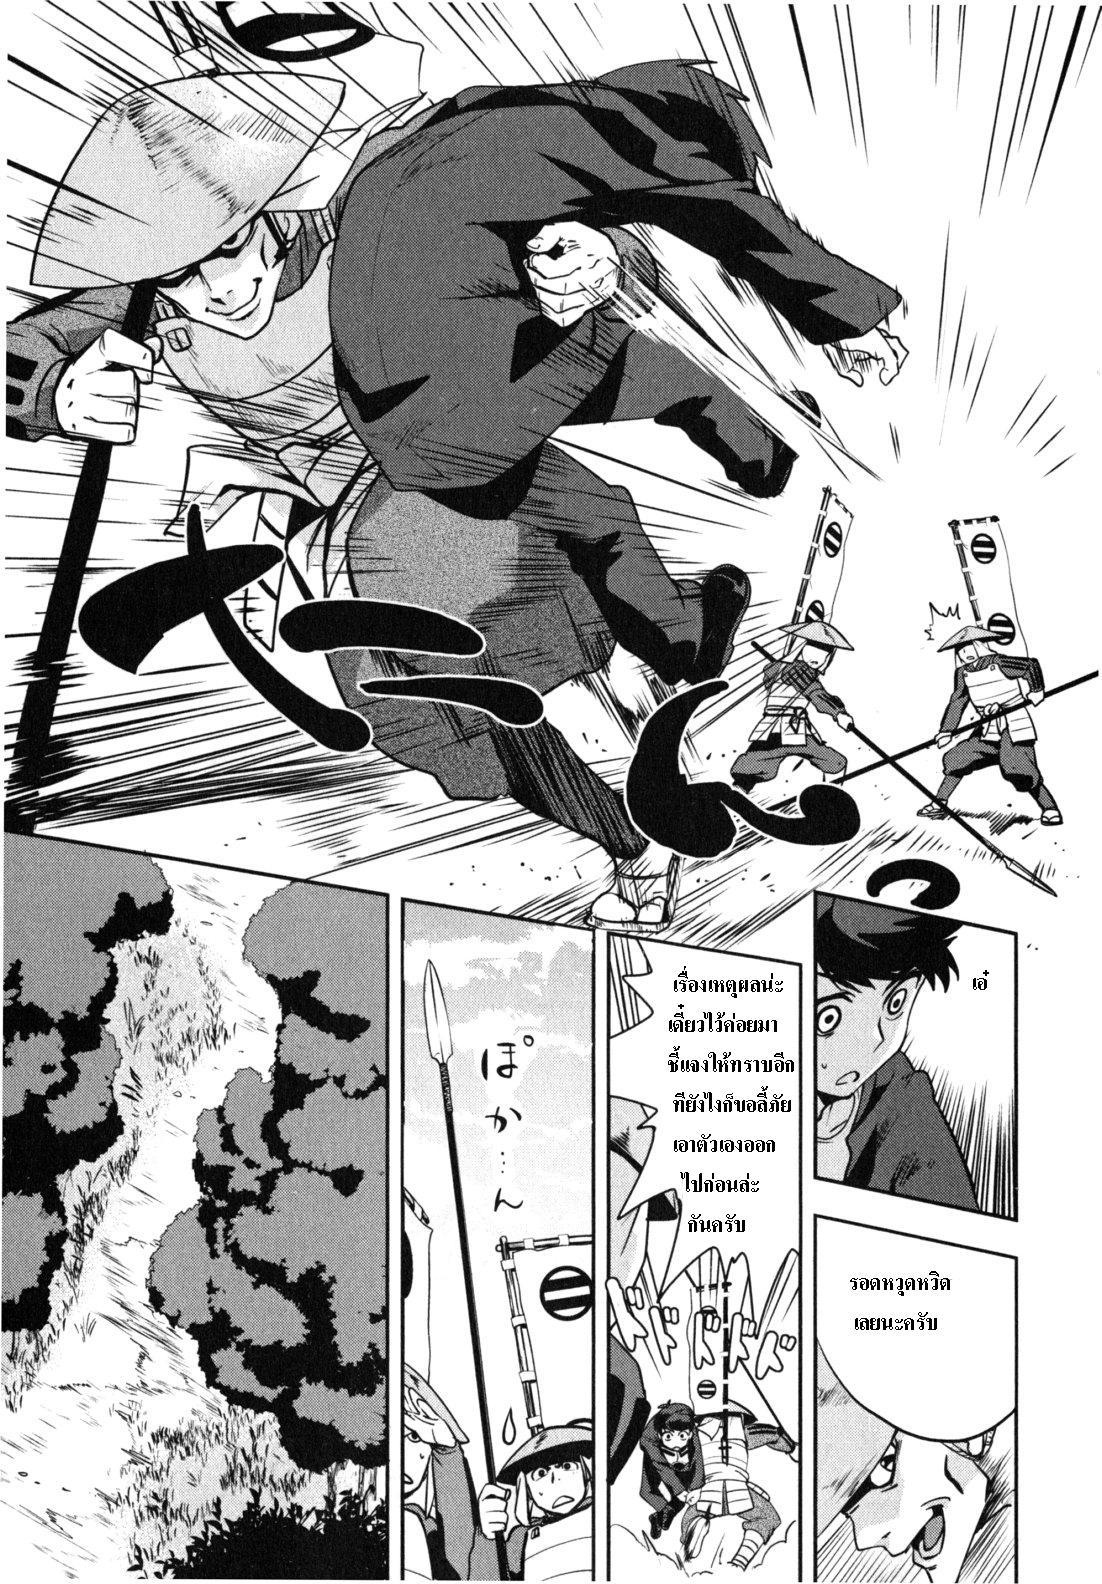 อ่านการ์ตูน Oda nobuna no yabou 1.1 ภาพที่ 7